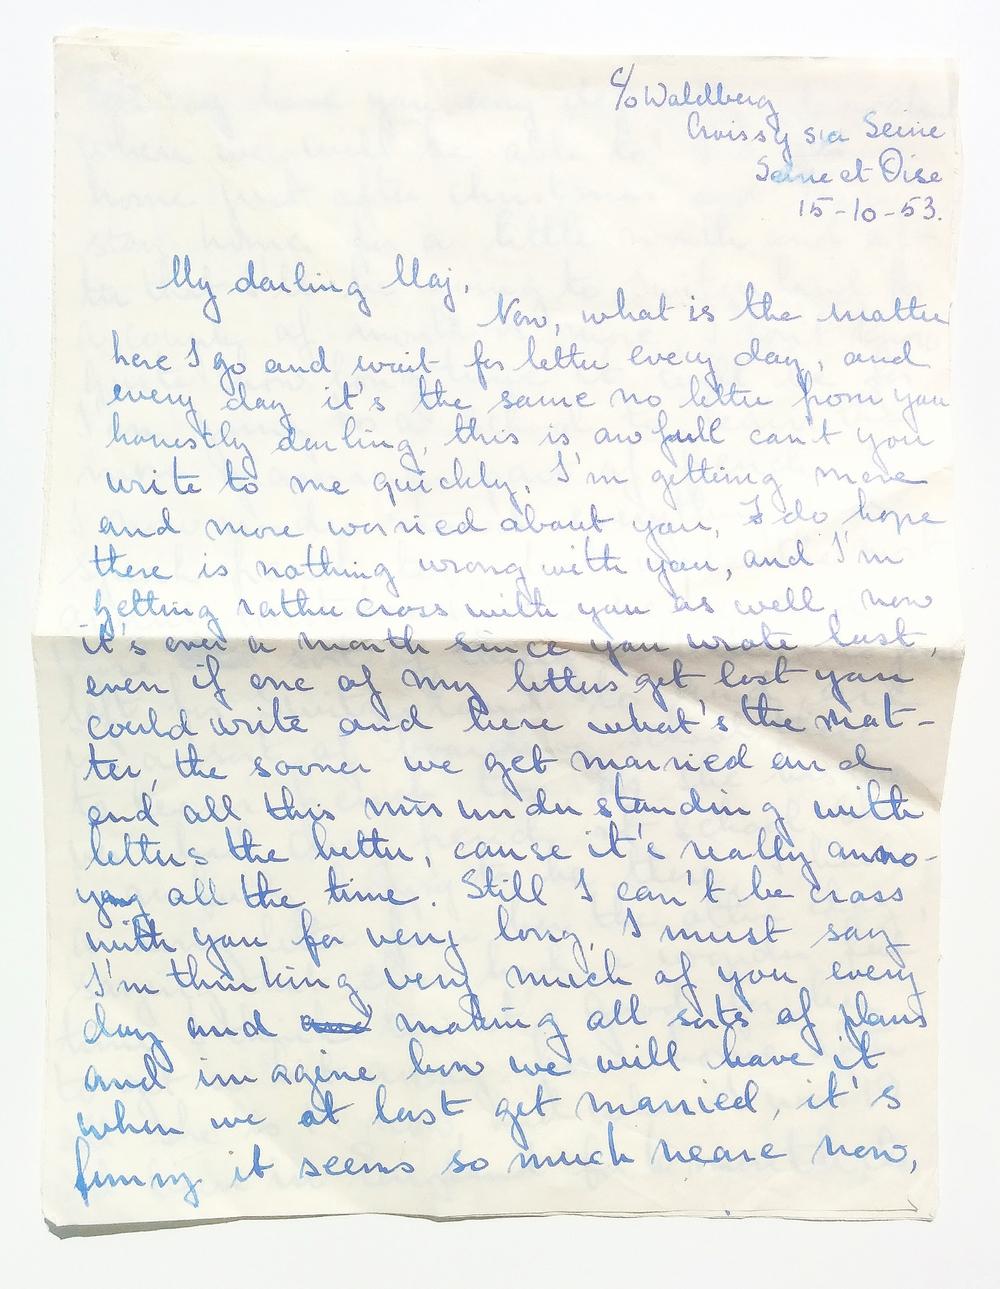 October 15th, 1953